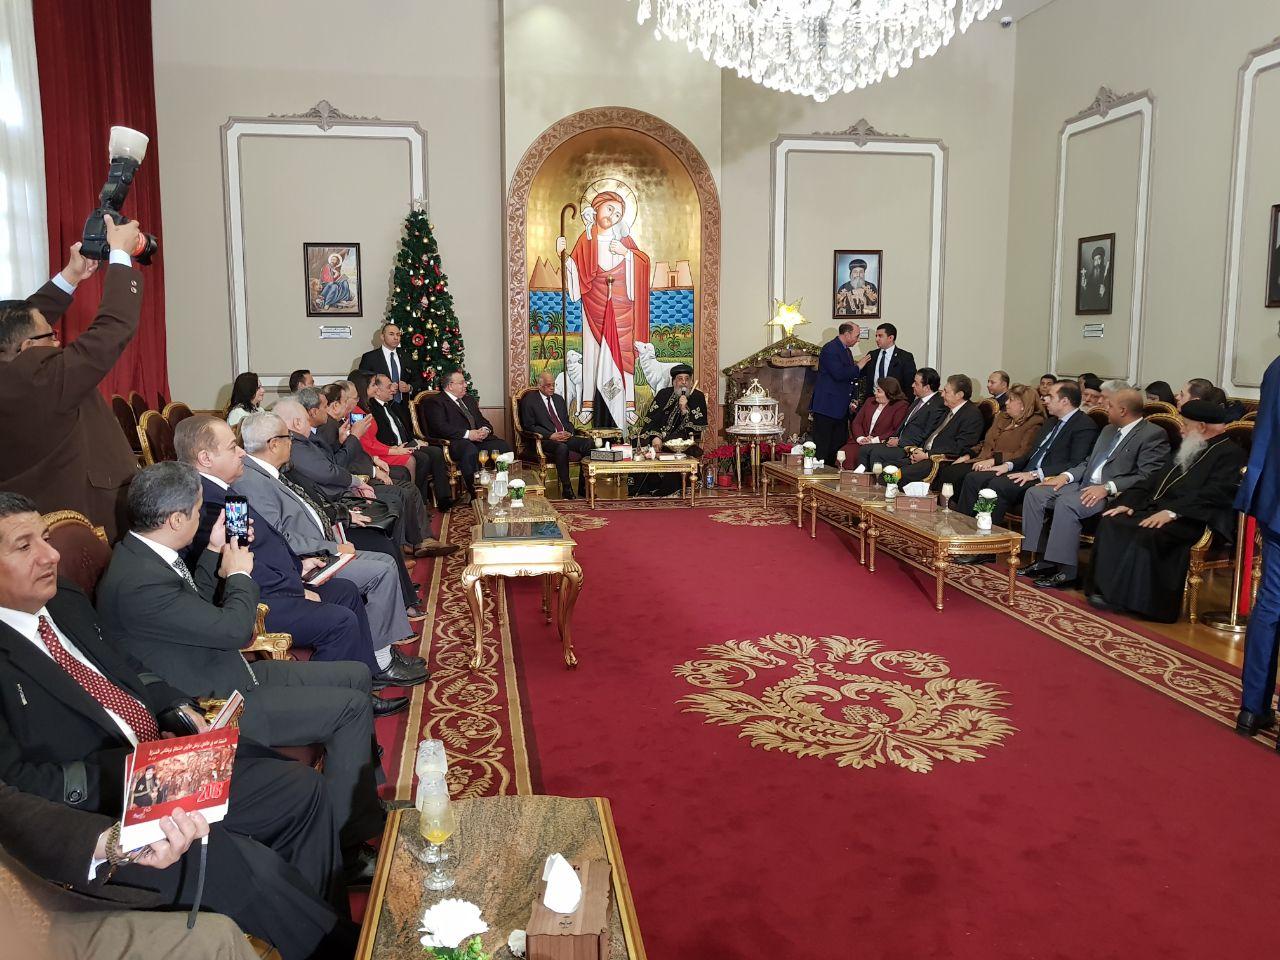 وفد مجلس النواب يهنئ البابا تواضروس بعيد الميلاد